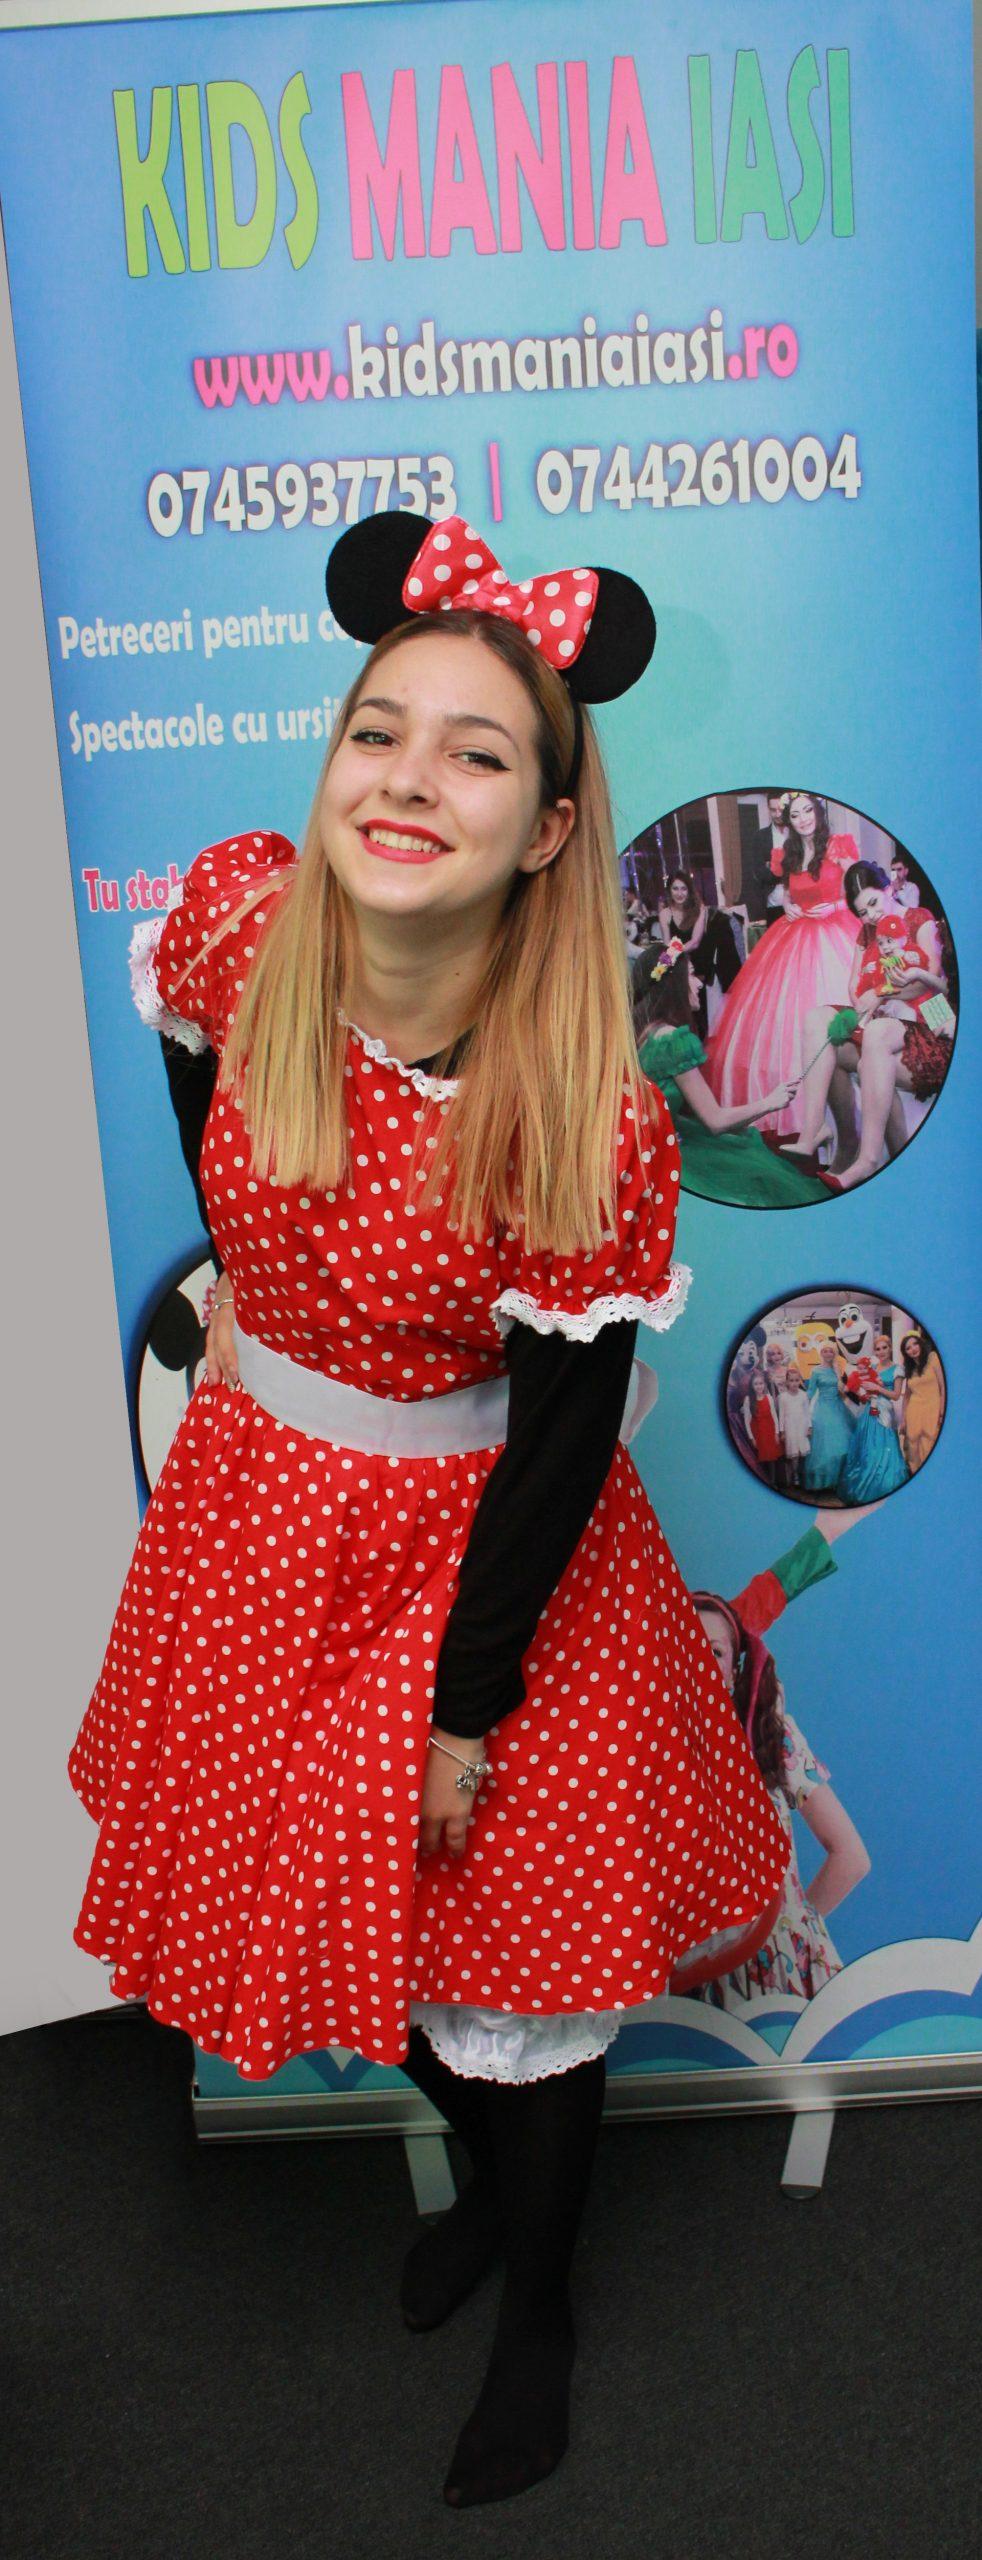 Minnie Mouse costum varianta fara masca pe fata